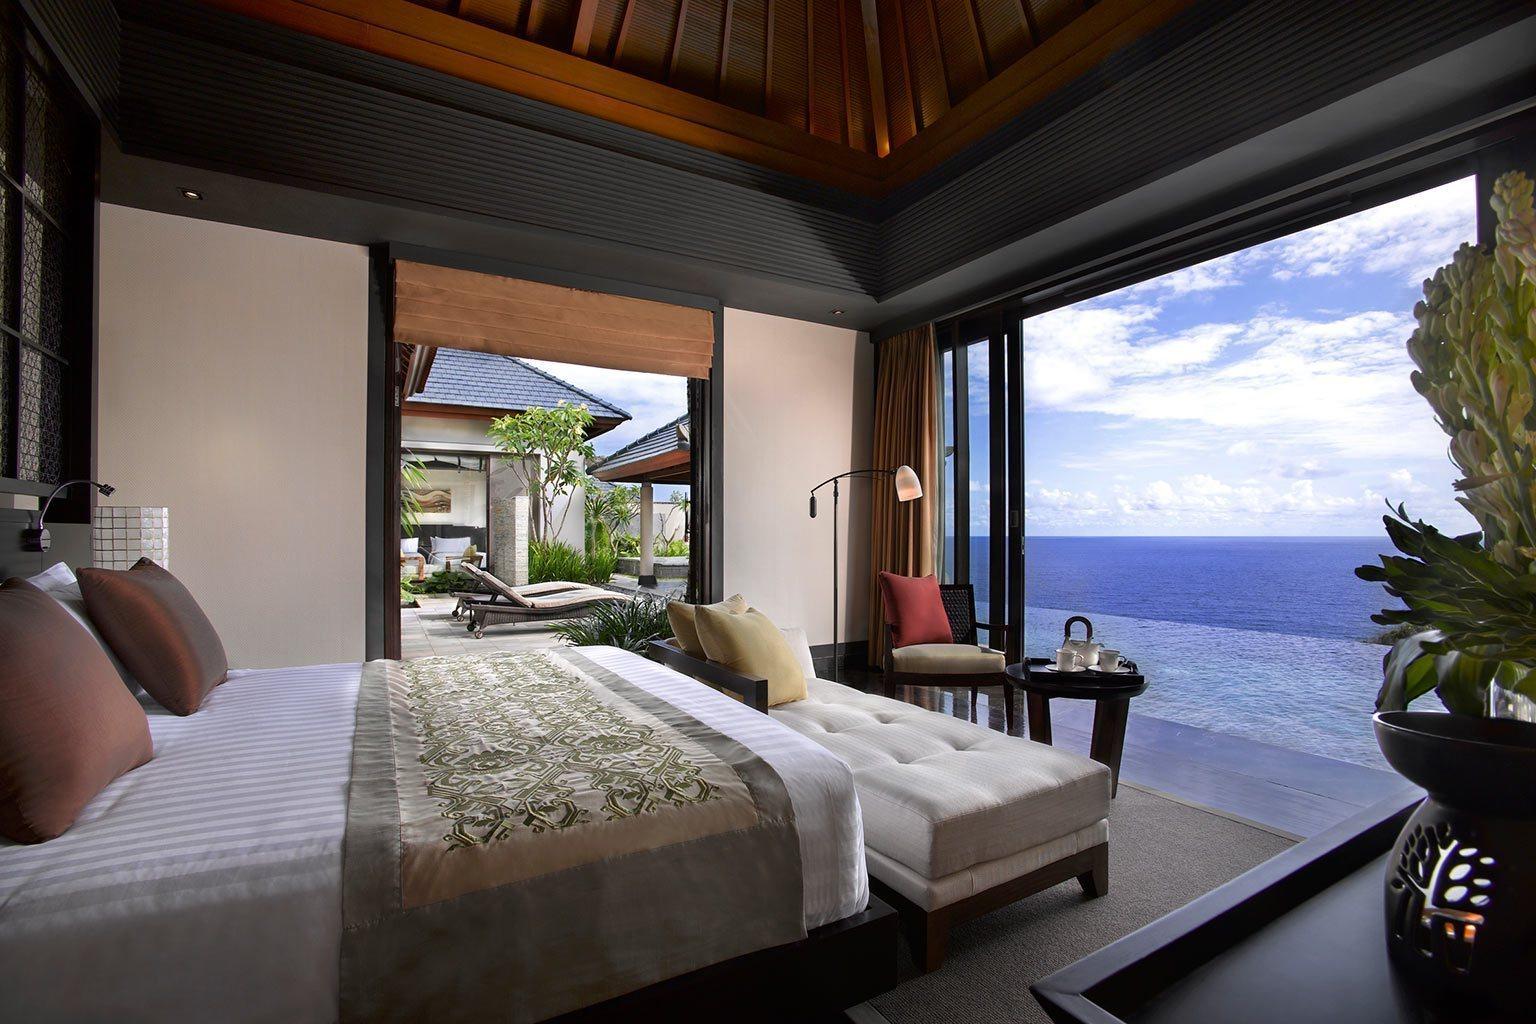 Gestaltung von schlafzimmer n: die besten einrichtungstipps für ...